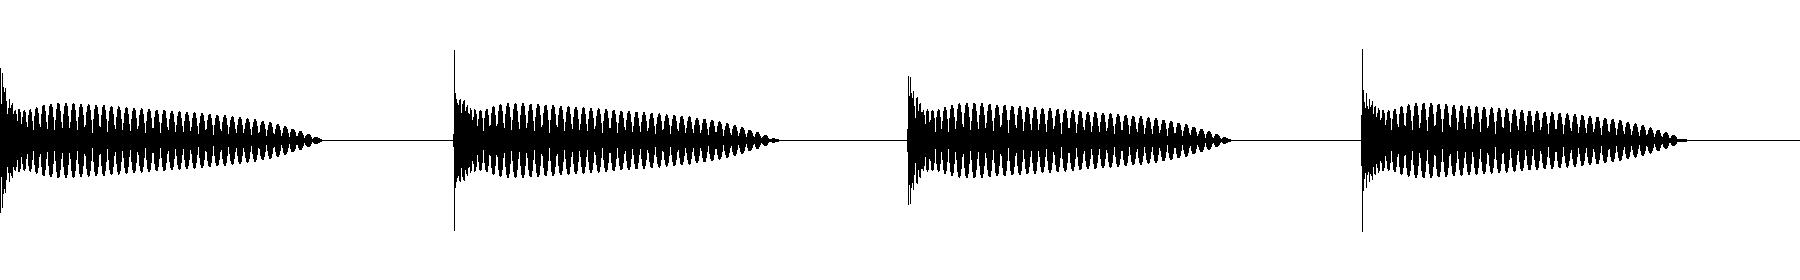 a sinekickloop